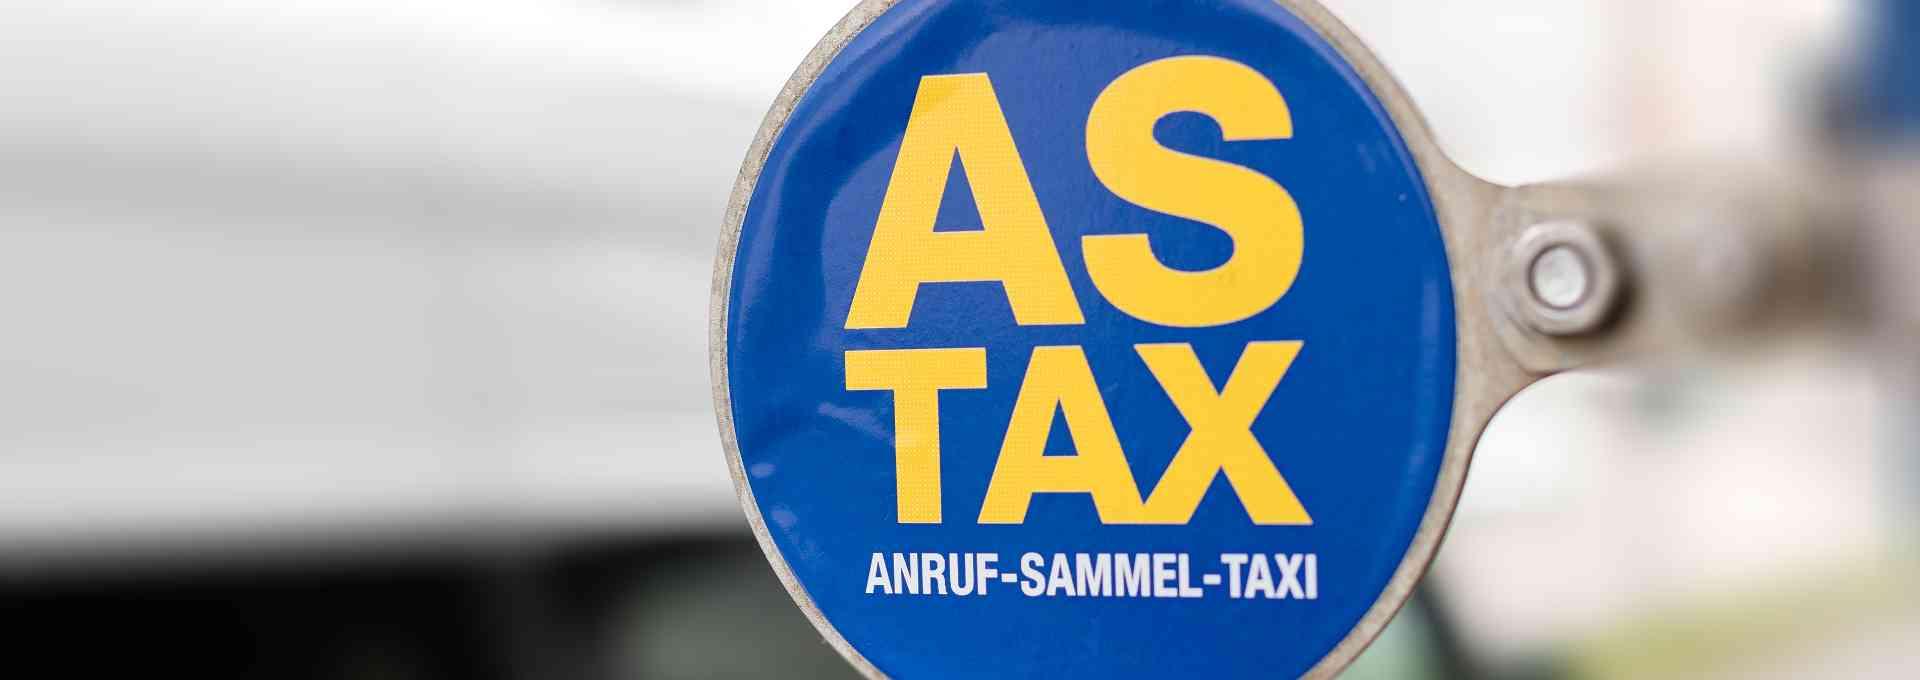 ASTAX ist das Anruf-Sammeltaxi-Service der Wiener Linien.